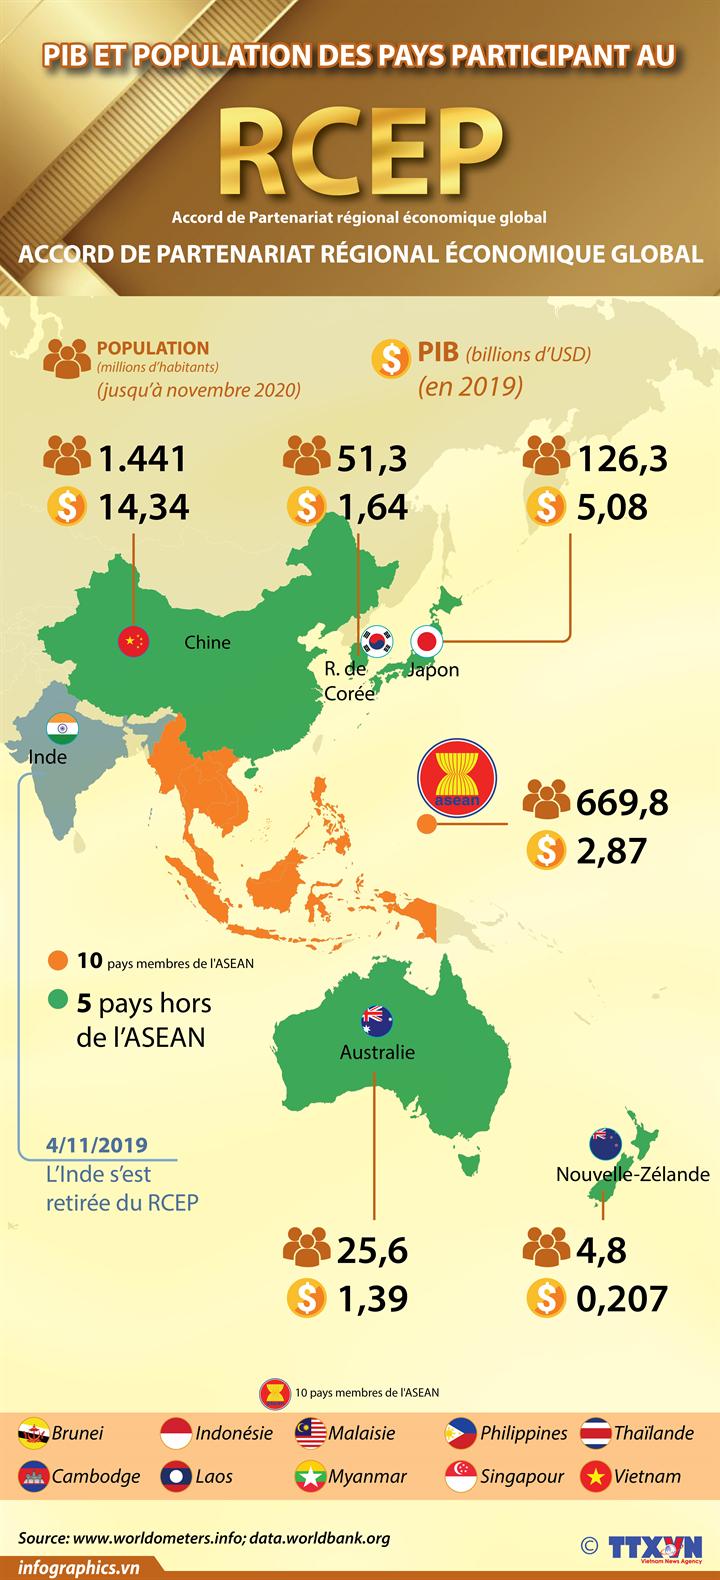 PIB et population des pays participant au RCEP